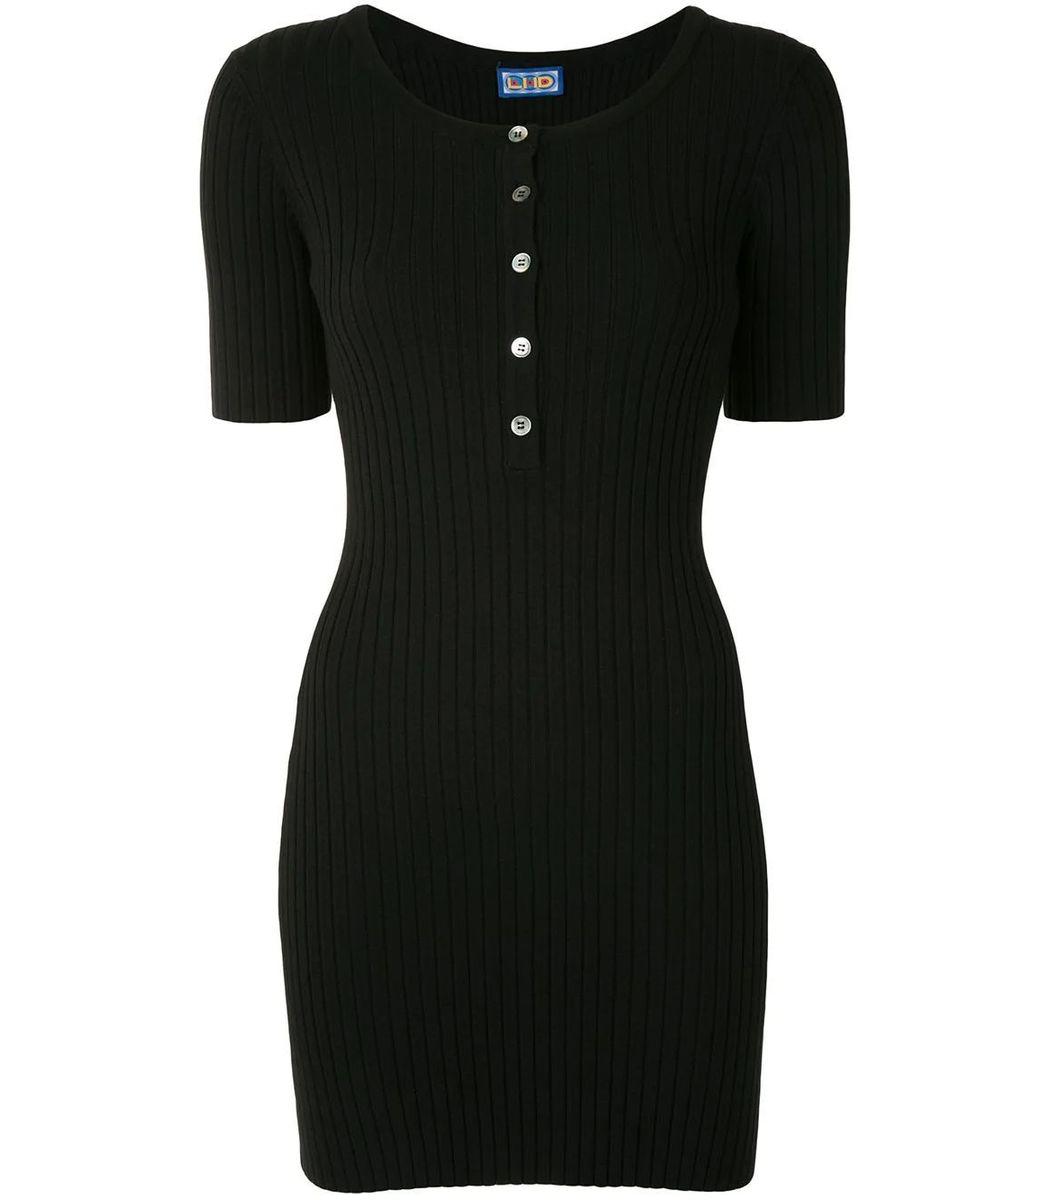 Lhd Samphire Knit Dress, Black